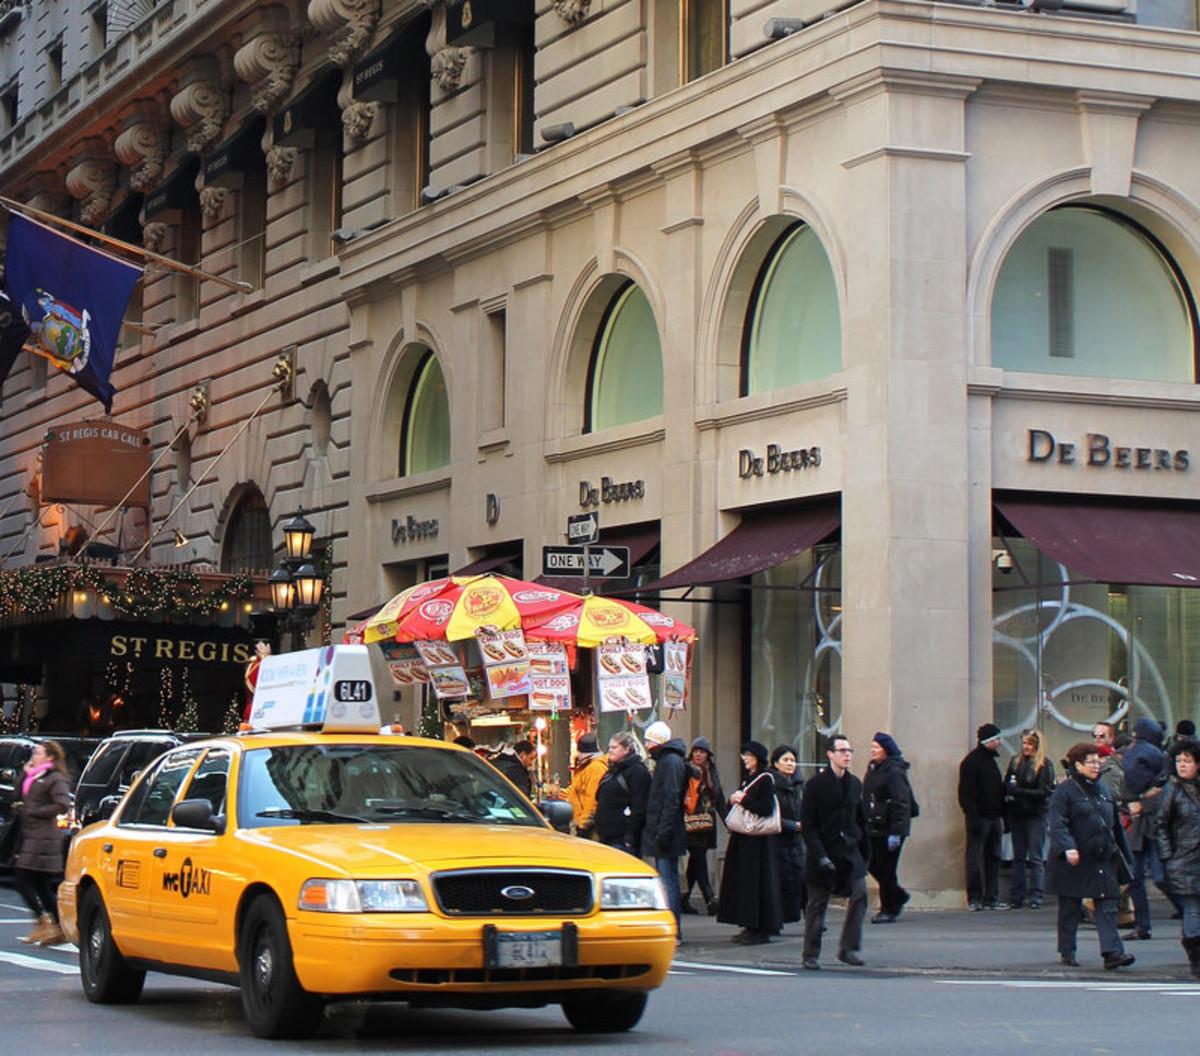 DeBeers, Madison Avenue, New York